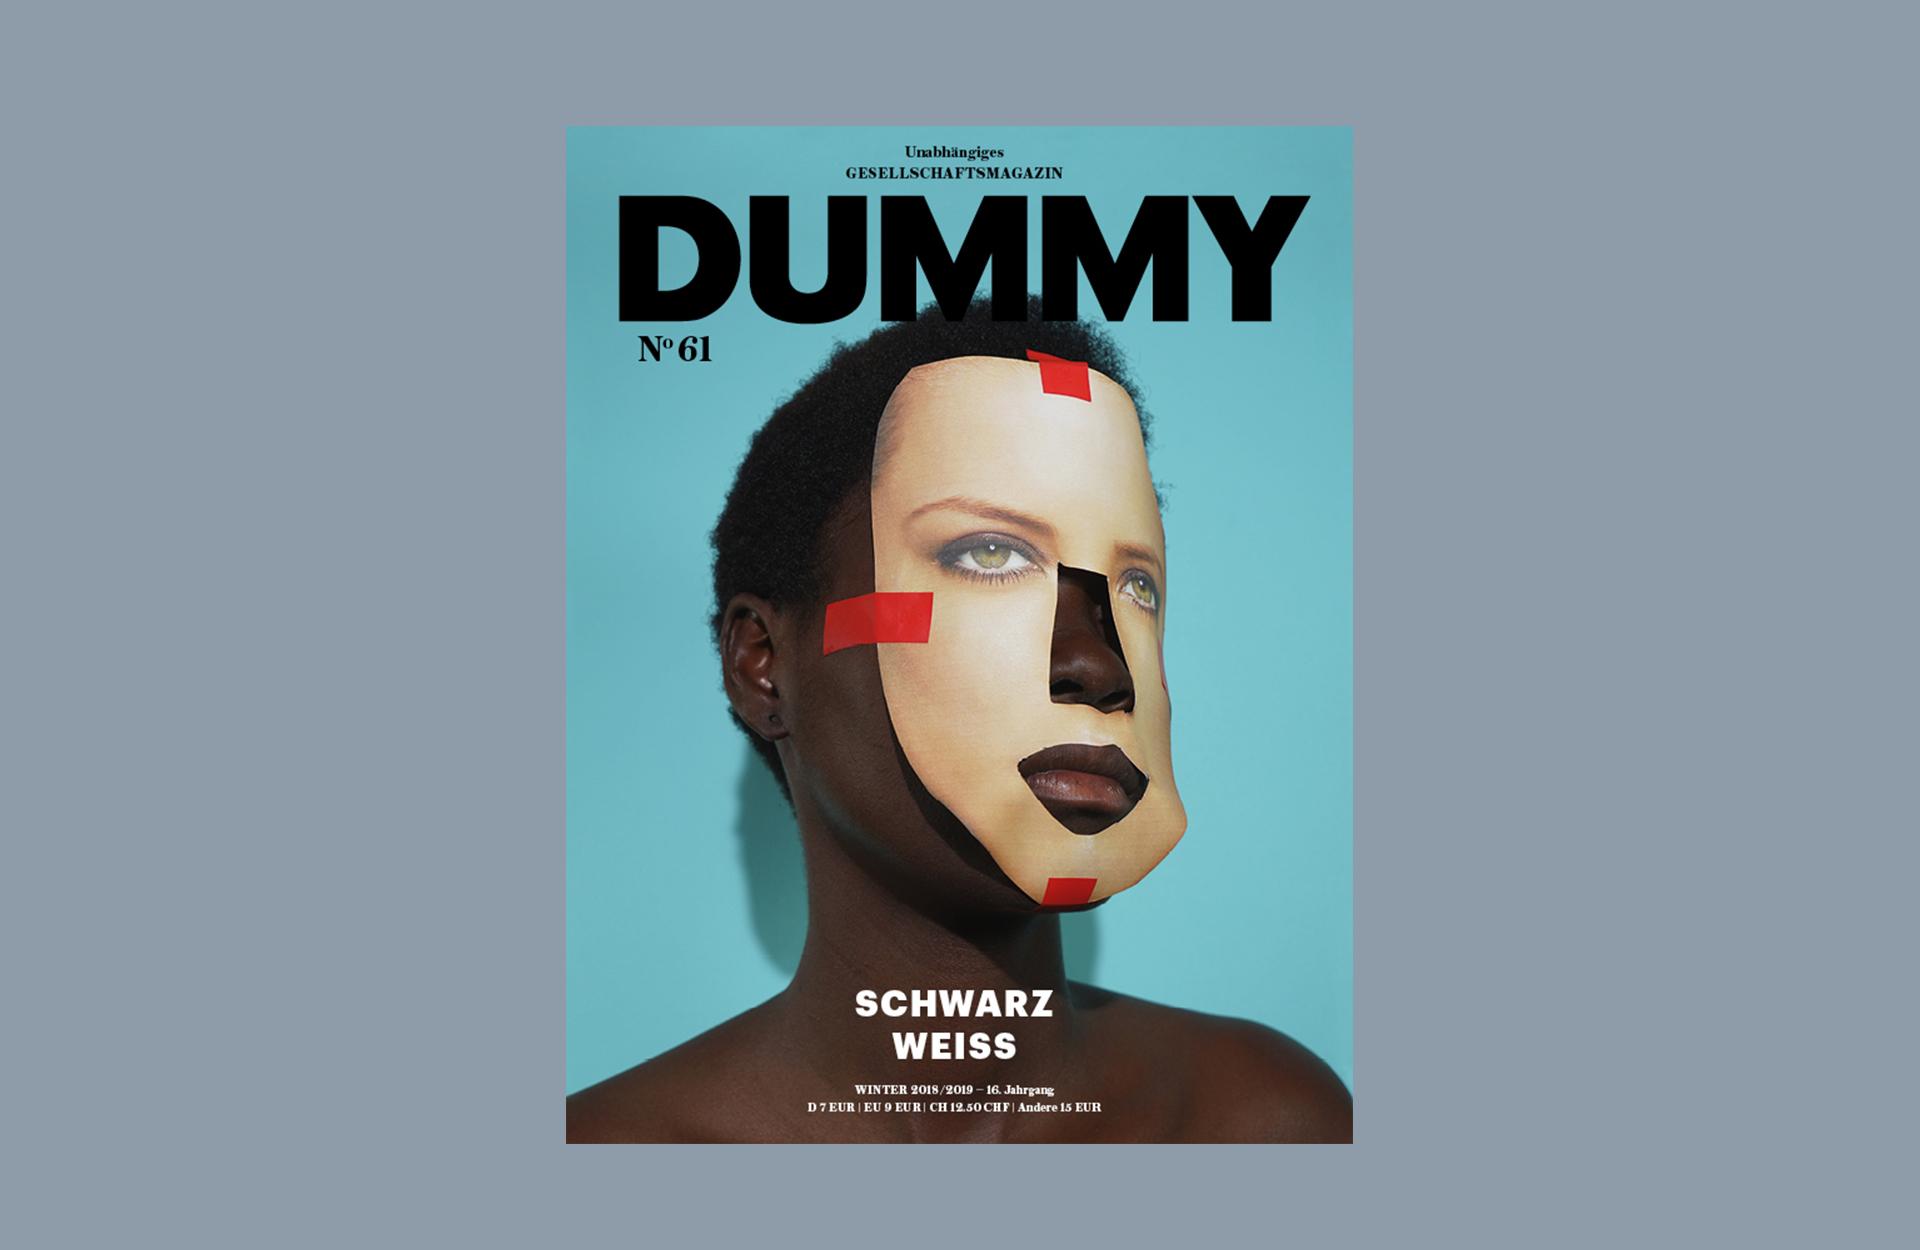 DUMMY Schwarz Weiss Cover